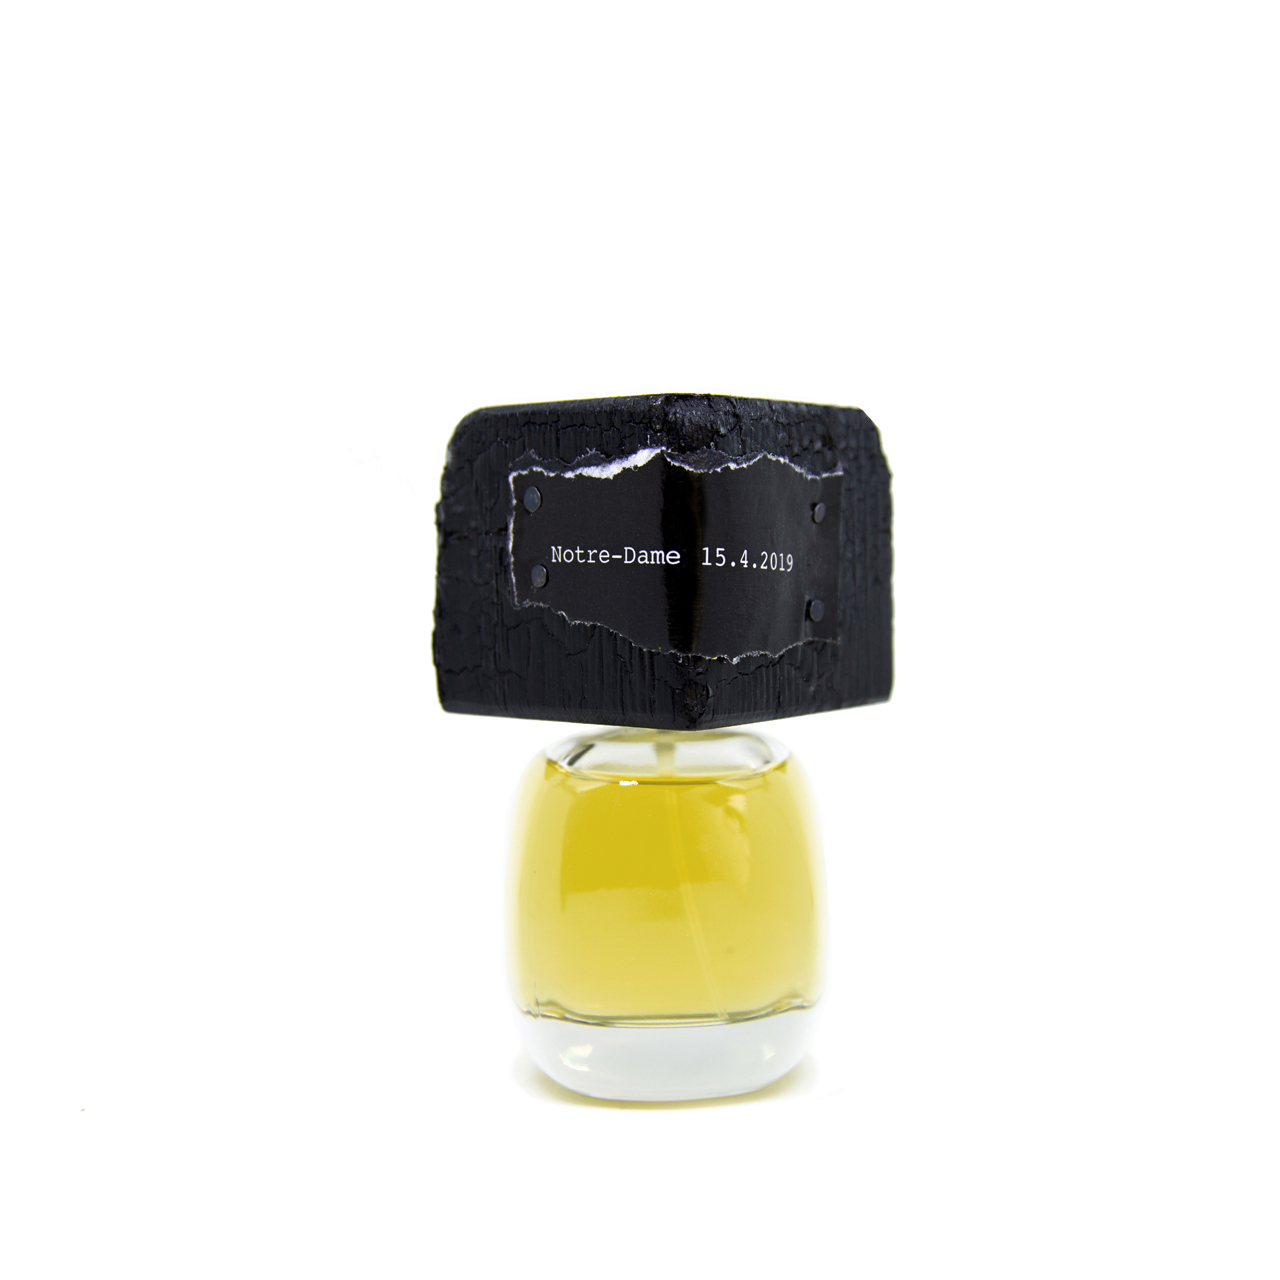 Notre Dame - Extrait de Parfum